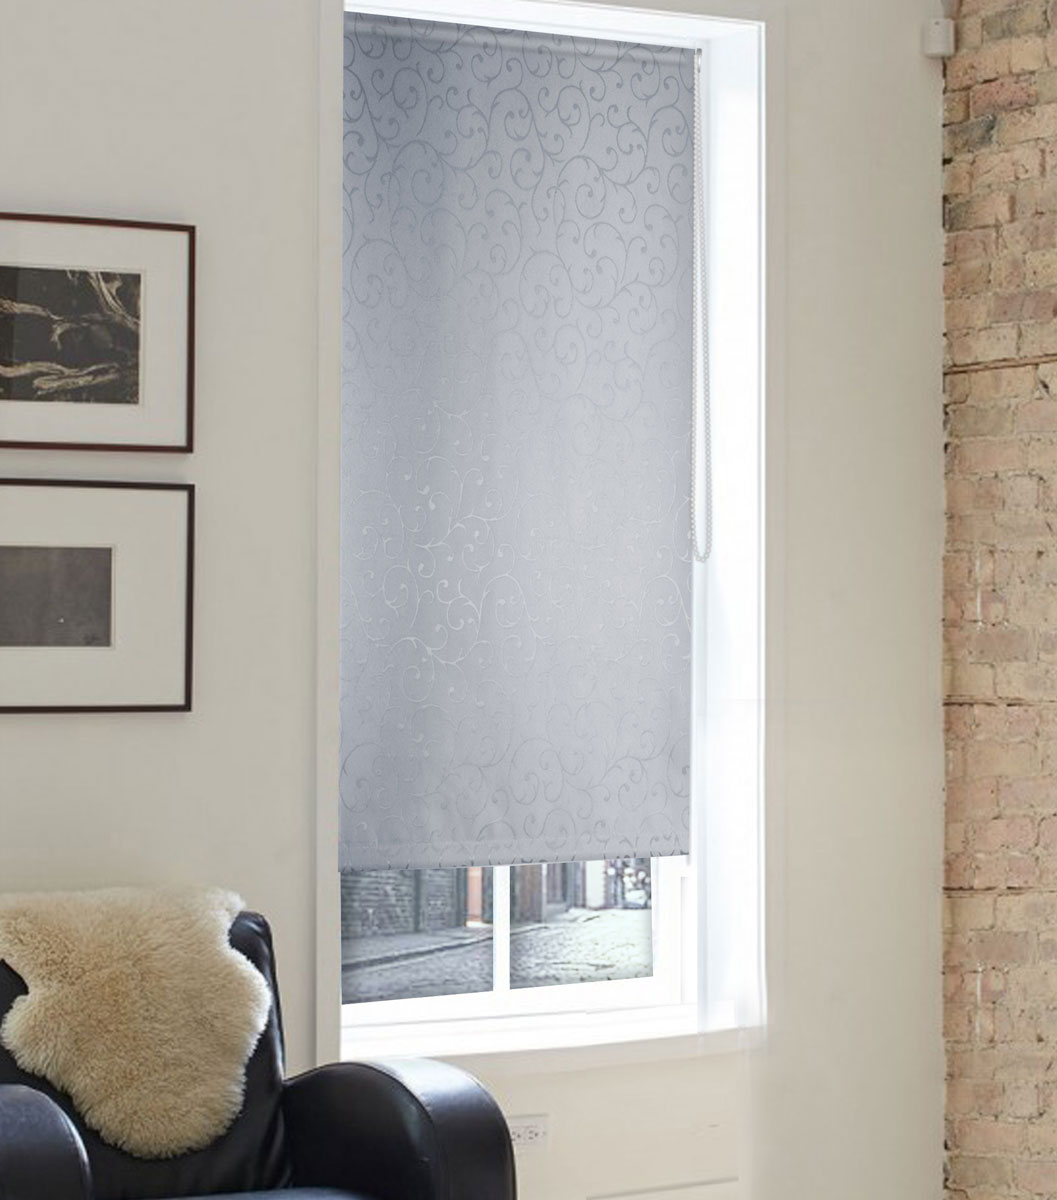 Штора рулонная Эскар Миниролло. Агат, фактурная, цвет: серый, ширина 37 см, высота 160 см37022037160Рулонная штора Эскар Миниролло. Агат выполнена из высокопрочной ткани, которая сохраняет свой размер даже при намокании. Ткань не выцветает и обладает отличной цветоустойчивостью.Миниролло - это подвид рулонных штор, который закрывает не весь оконный проем, а непосредственно само стекло. Такие шторы крепятся на раму без сверления при помощи зажимов или клейкой двухсторонней ленты. Окно остается на гарантии, благодаря монтажу без сверления. Такая штора станет прекрасным элементом декора окна и гармонично впишется в интерьер любого помещения.